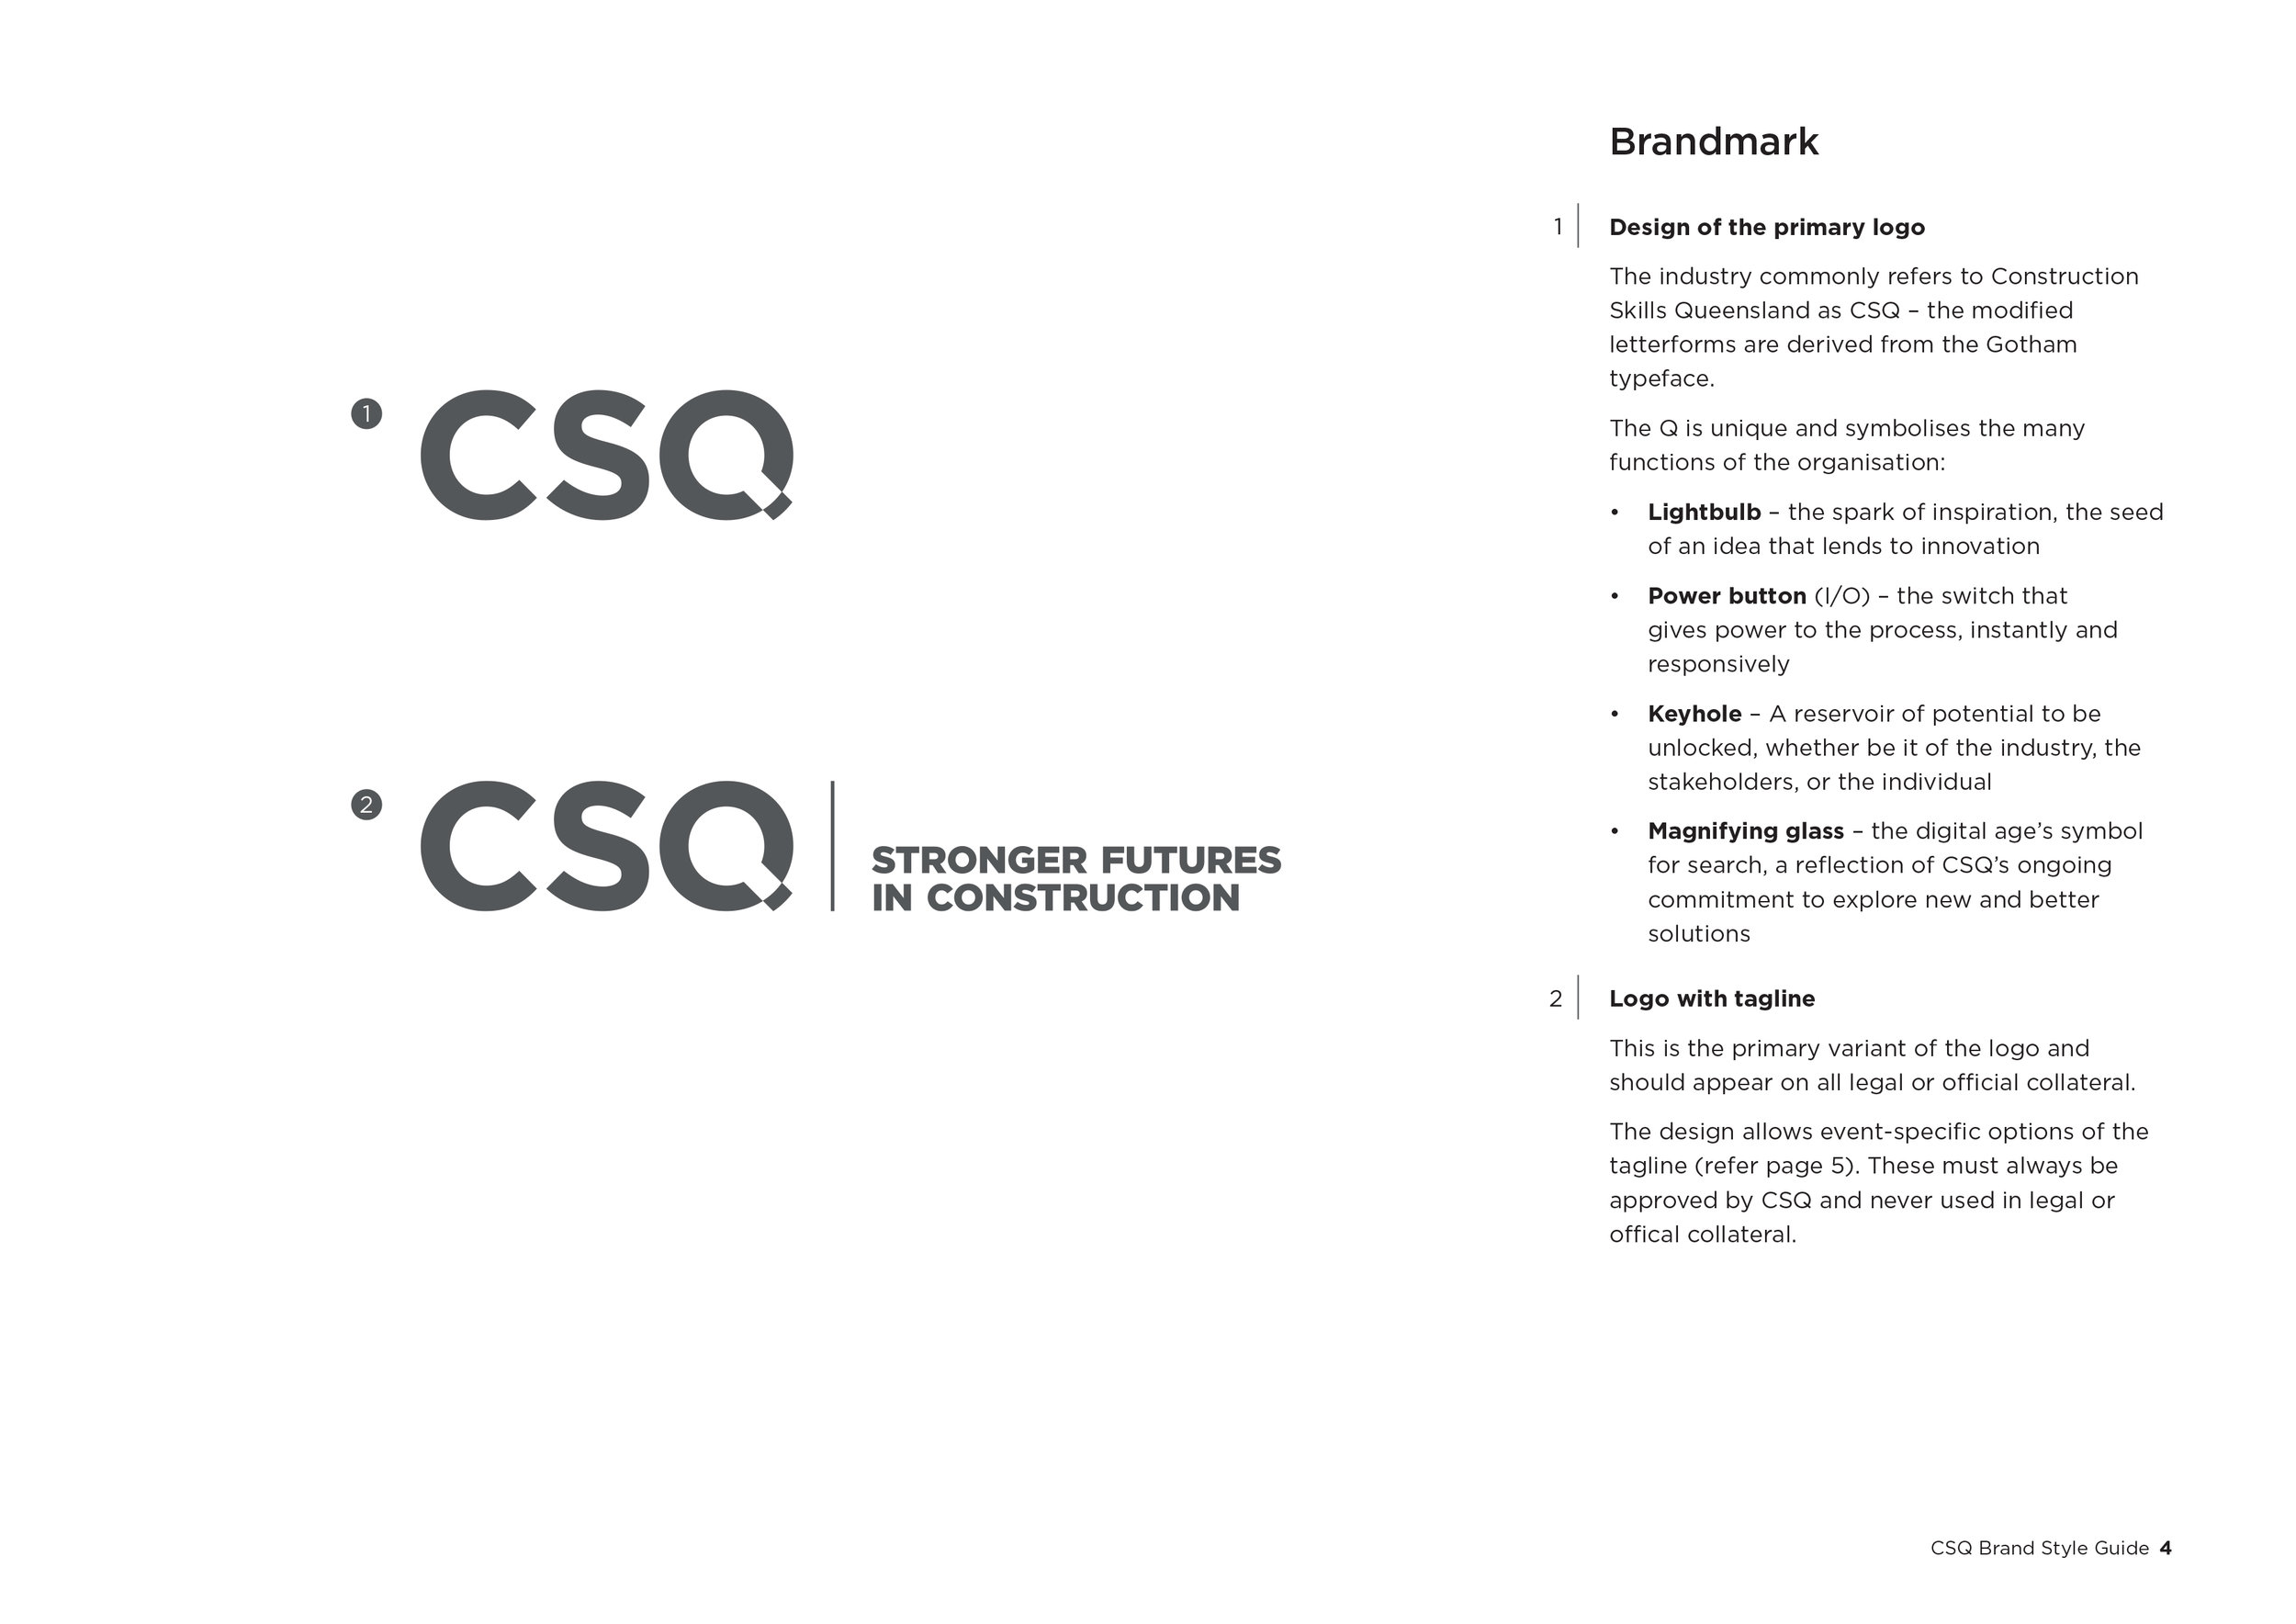 CSQ-StyleGuide-brandmark.jpg